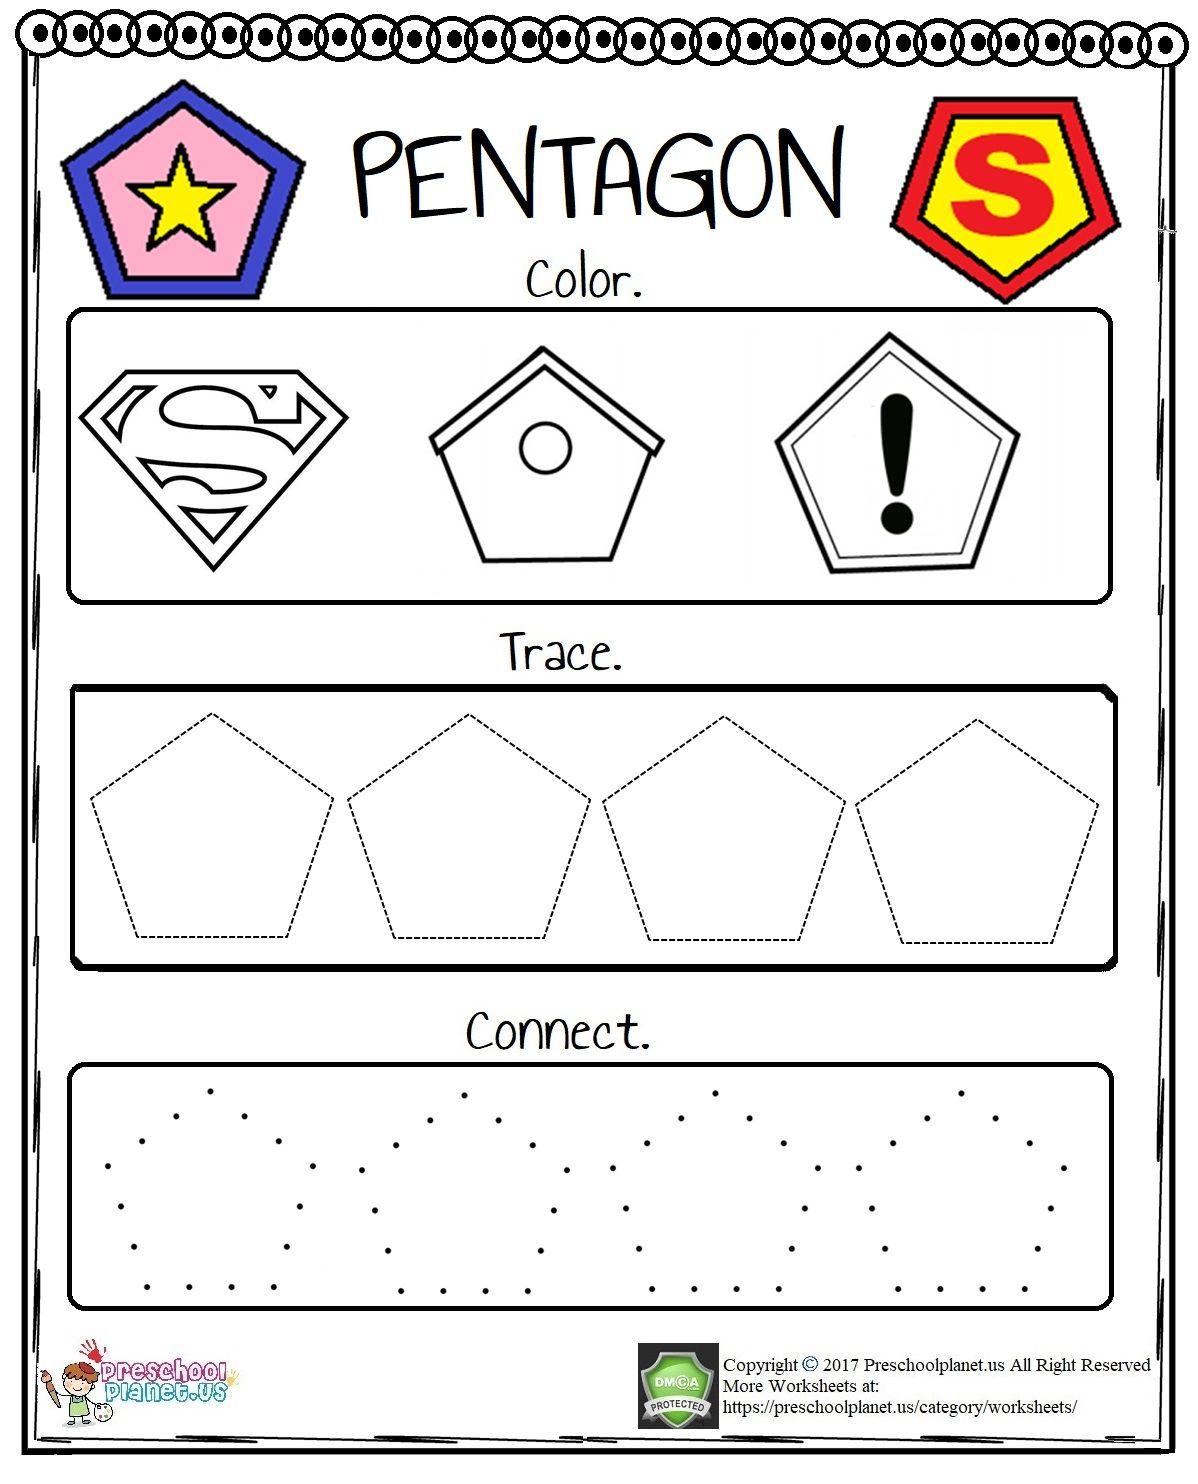 Pentagon Worksheet In